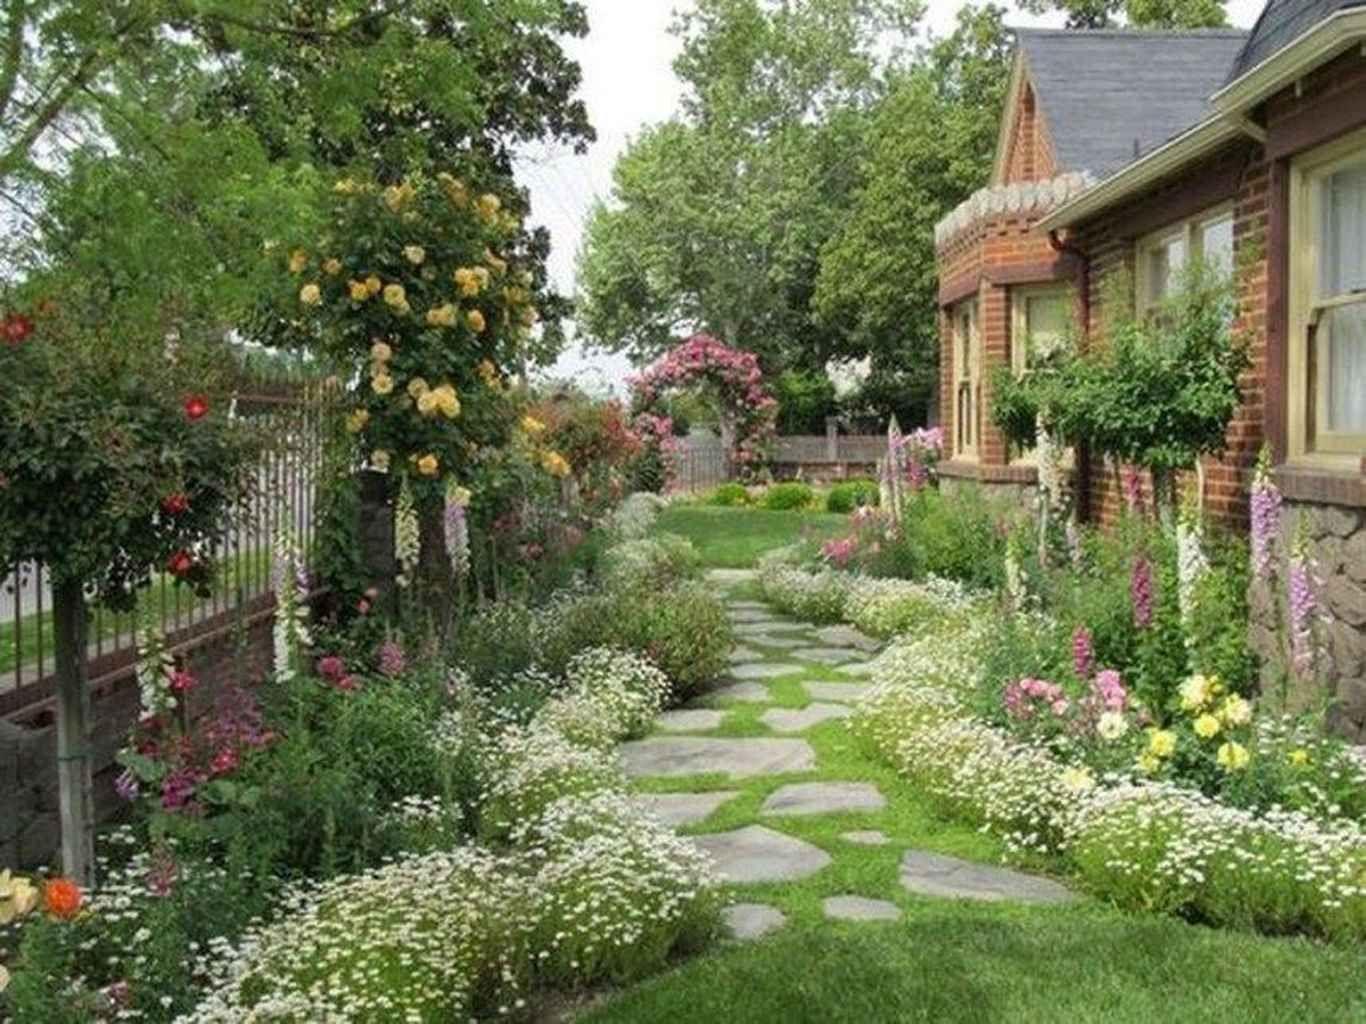 Pin By Beatrixebert On Garden Planning Cottage Garden Front Yard Garden Dream Garden